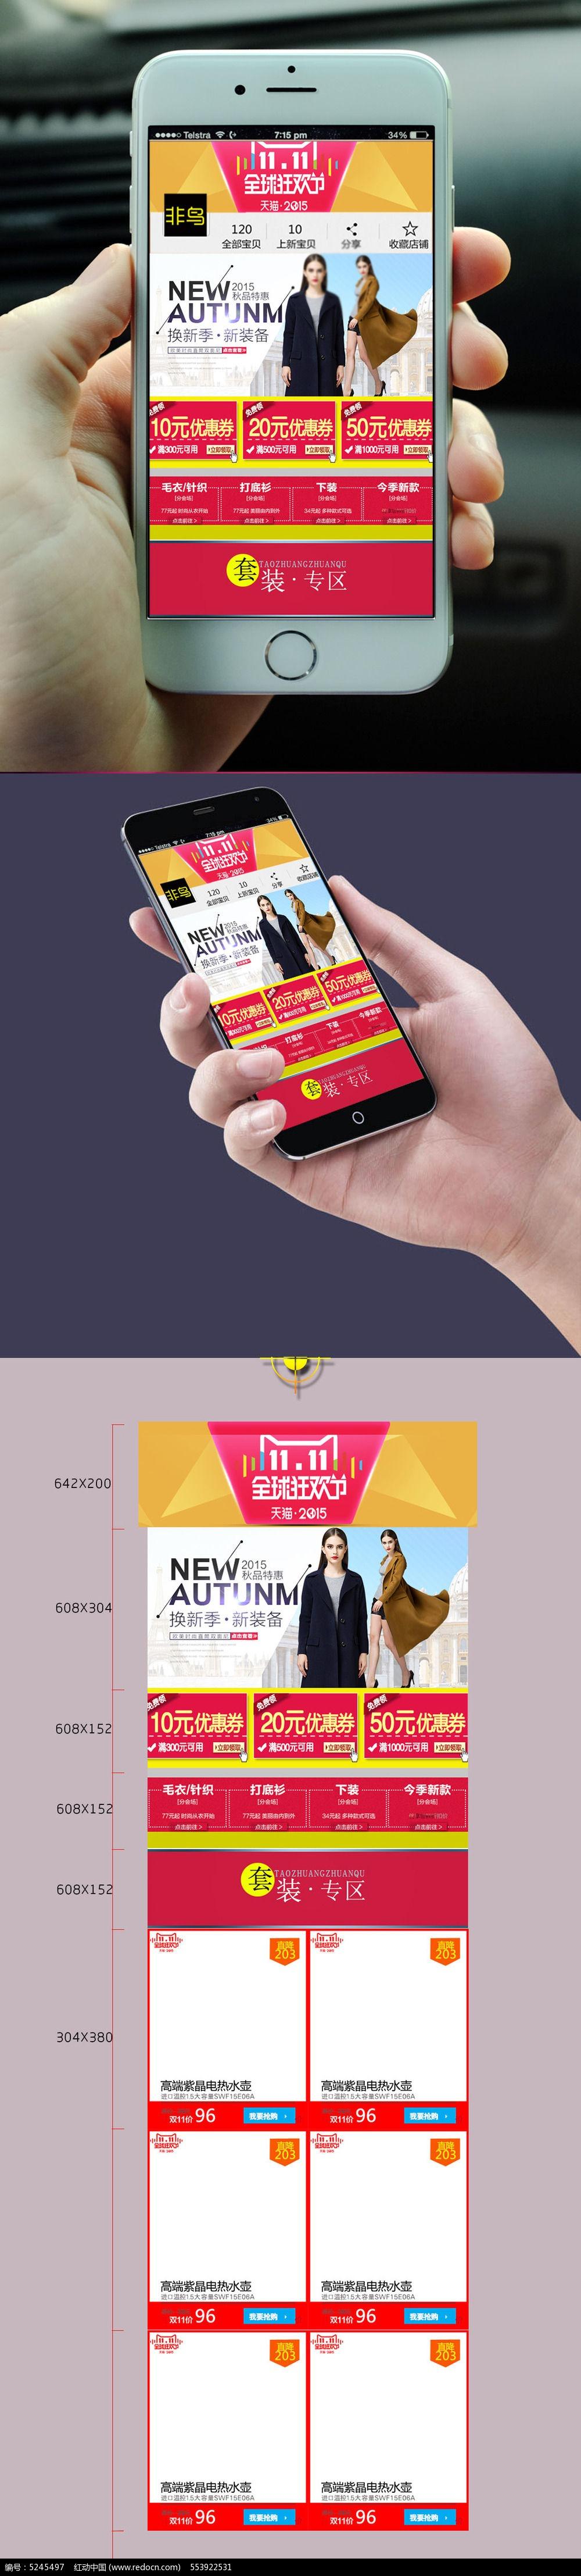 双11手机端店铺首页psd模板图片下载双12手机店铺图片